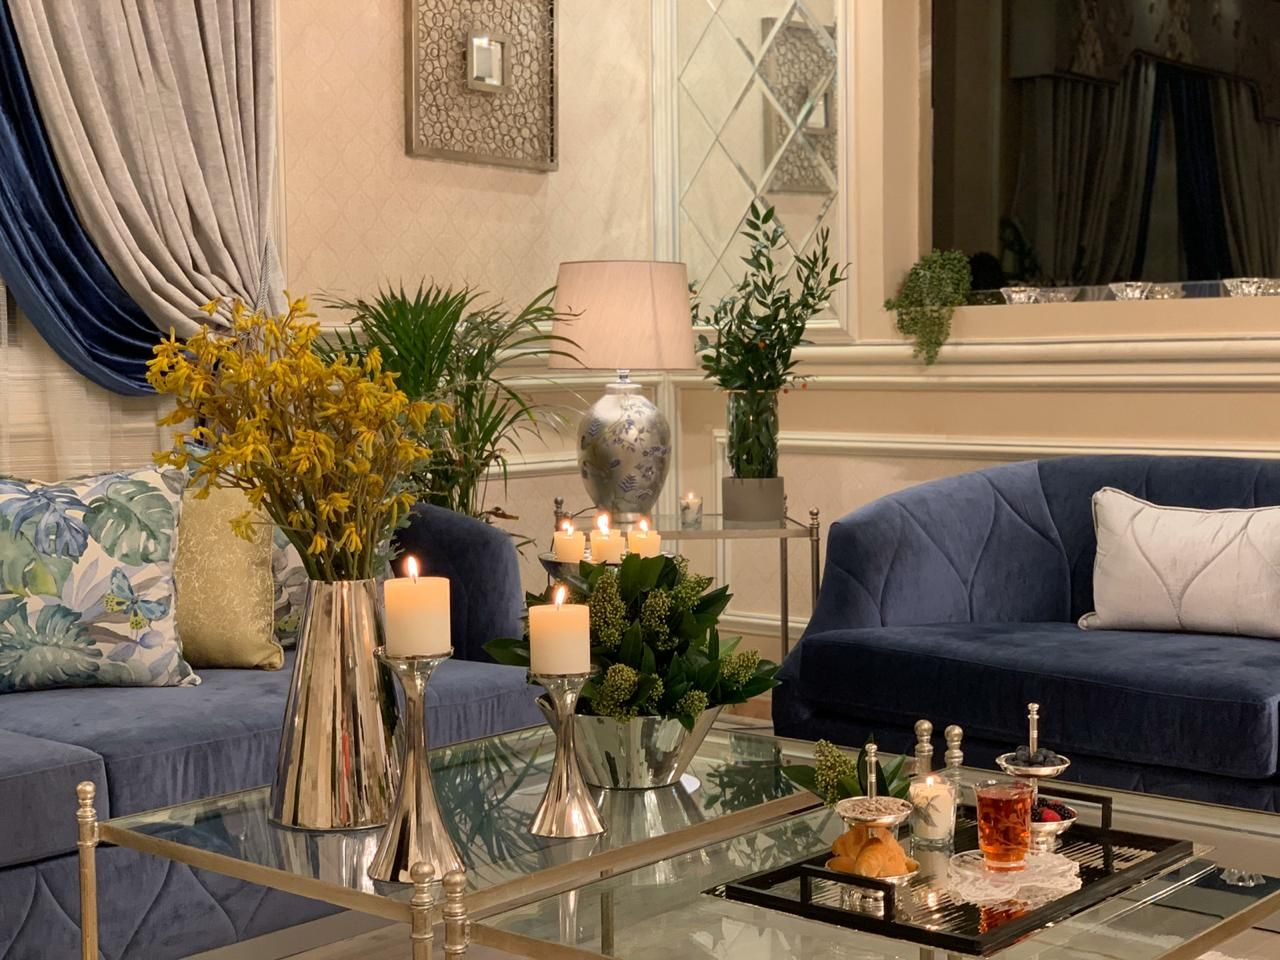 كنب نيو كلاسيك روعة من تصميم وتنفيذ جلستي المطرزة كنب المصممة أريج الهيلا جوال 0506711821 Living Room Decor Colors Modern Apartment Design Home Decor